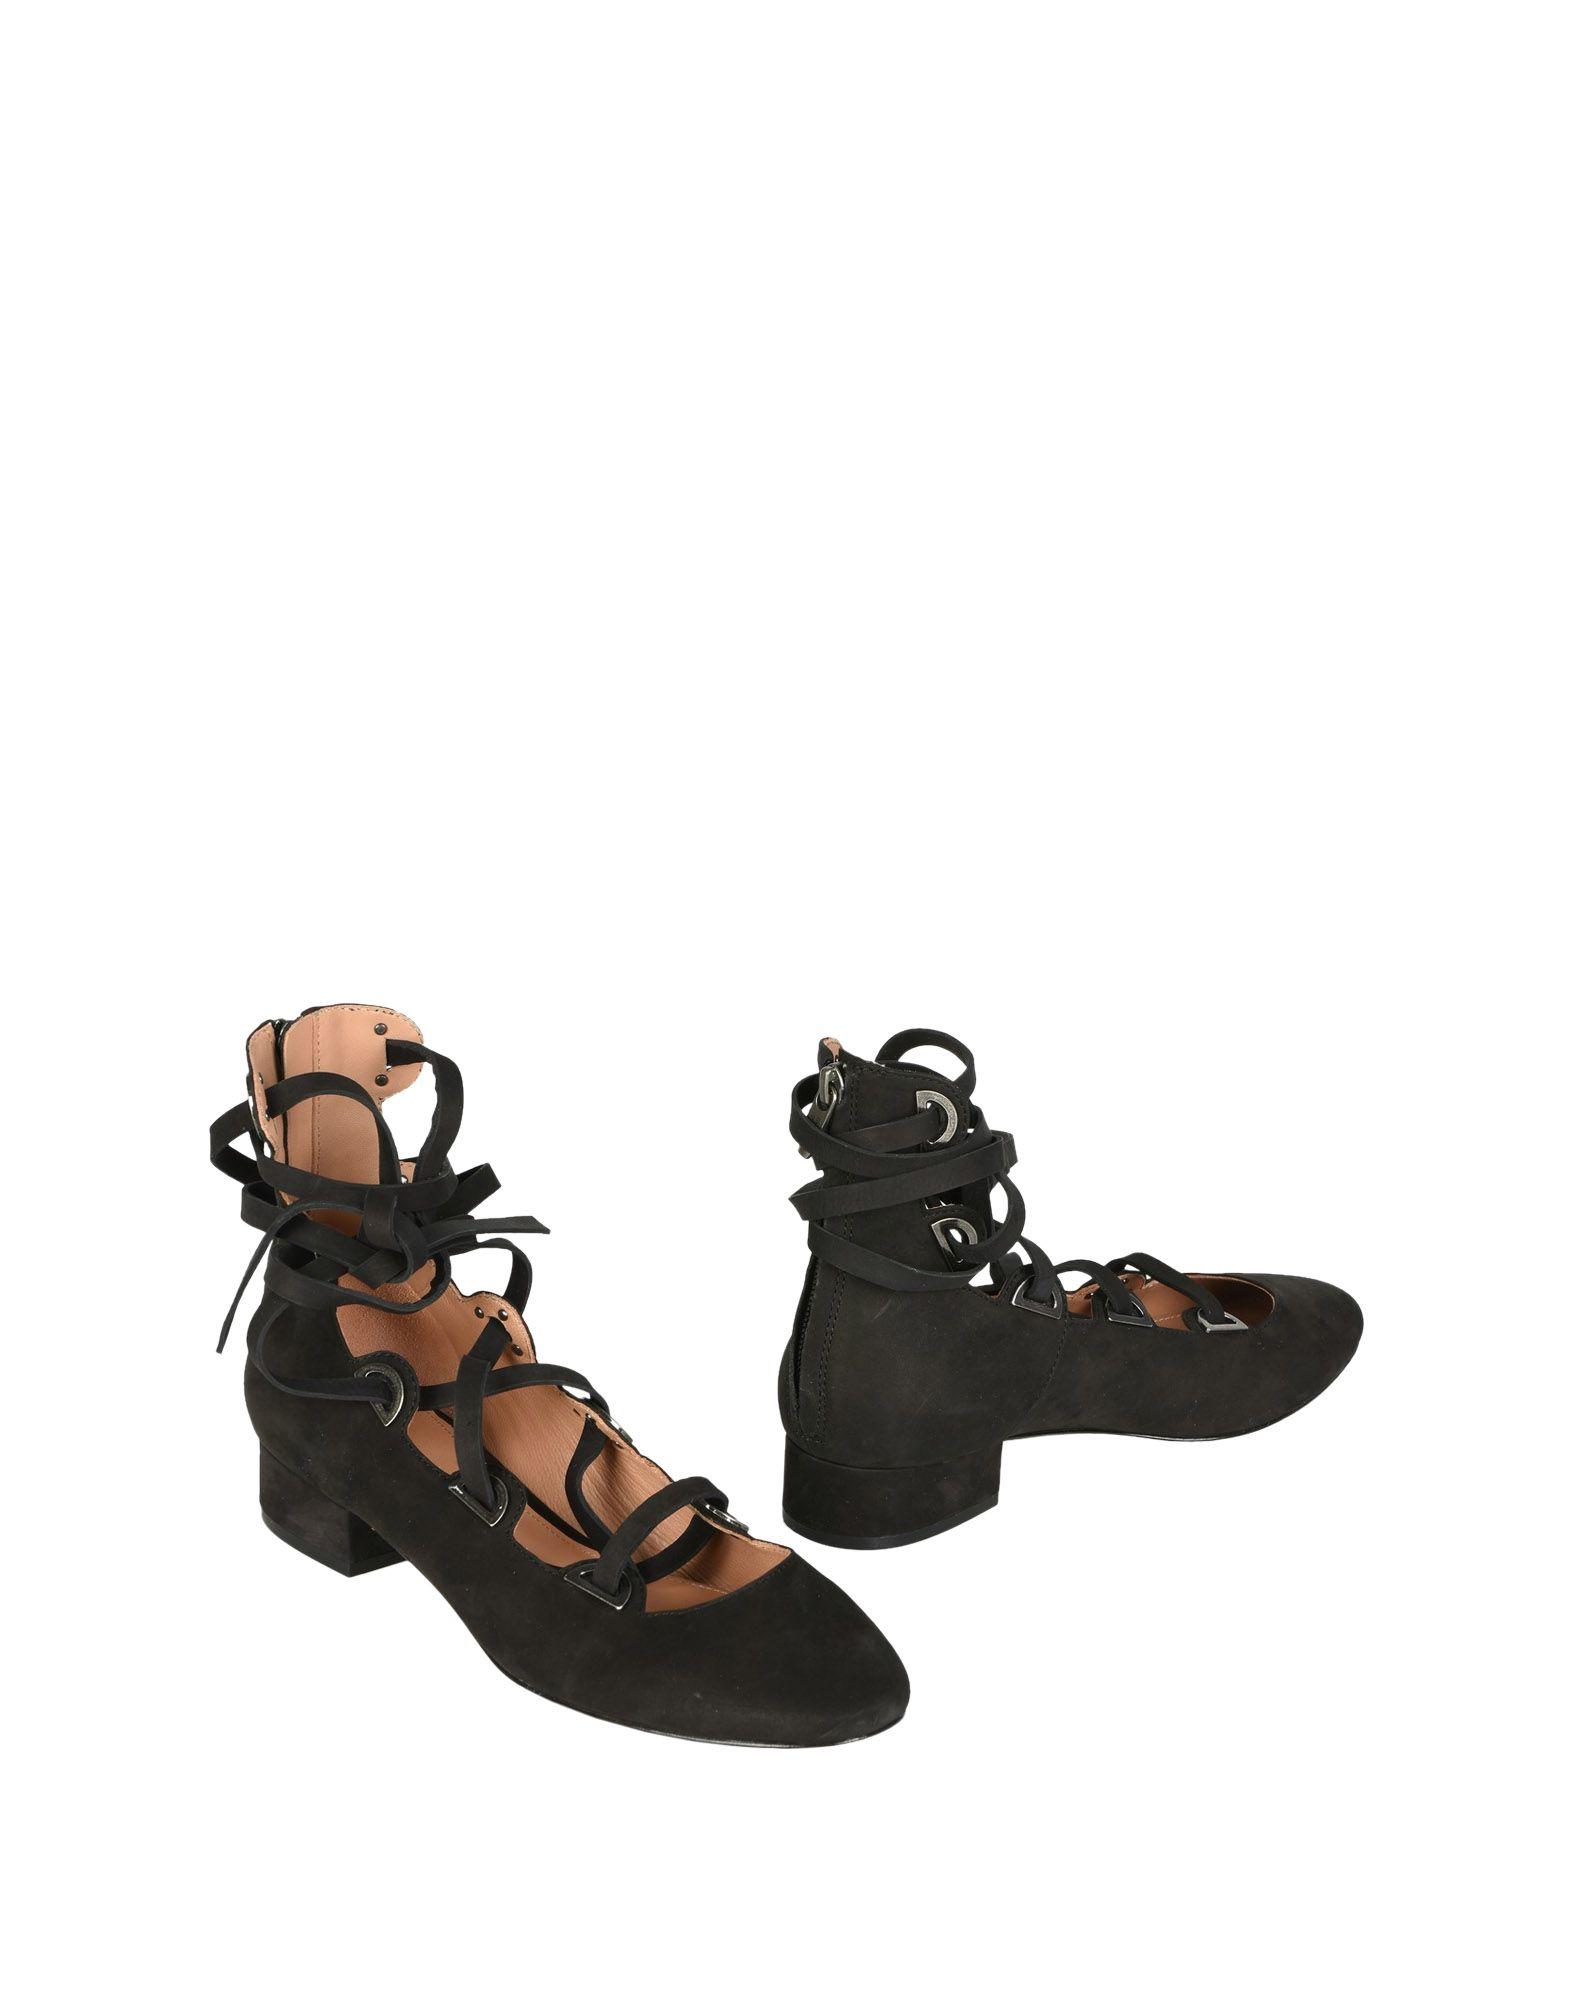 Sigerson Morrison Stiefelette Damen  11378249FV Neue Schuhe